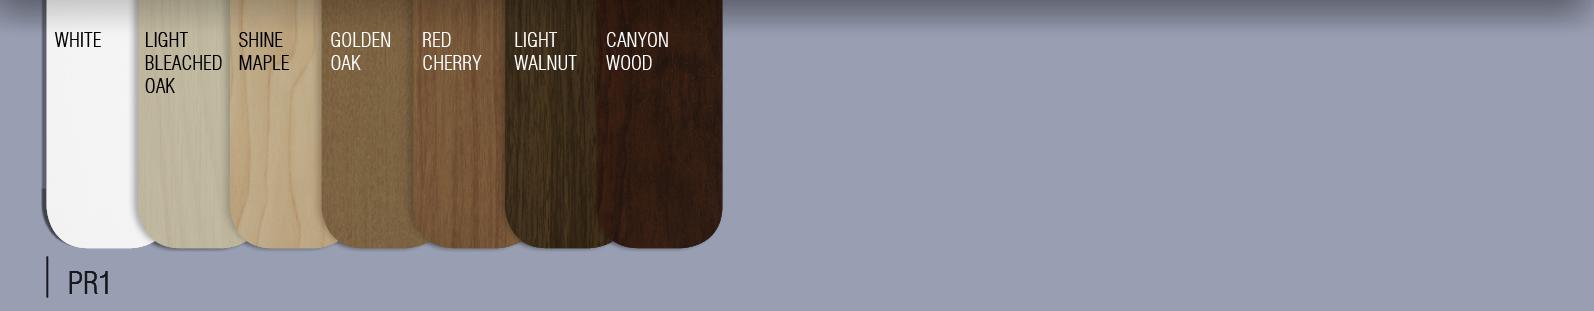 Barvni vzorec lesenih lamel